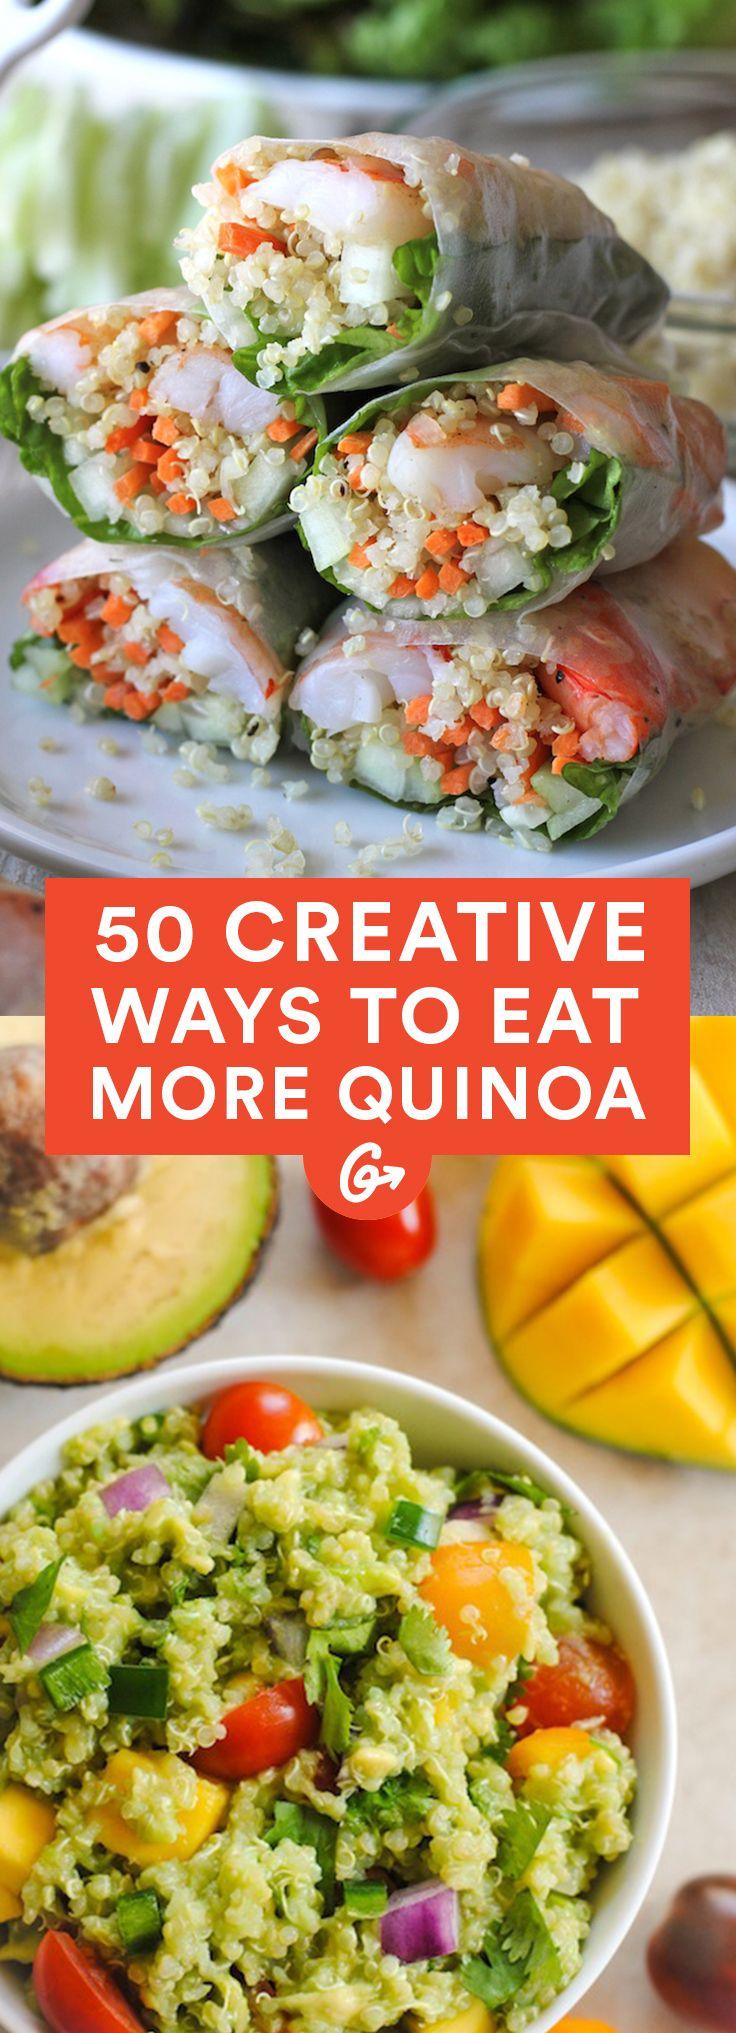 Photo of 50 Creative Ways to Eat Quinoa: Healthy Quinoa Recipes